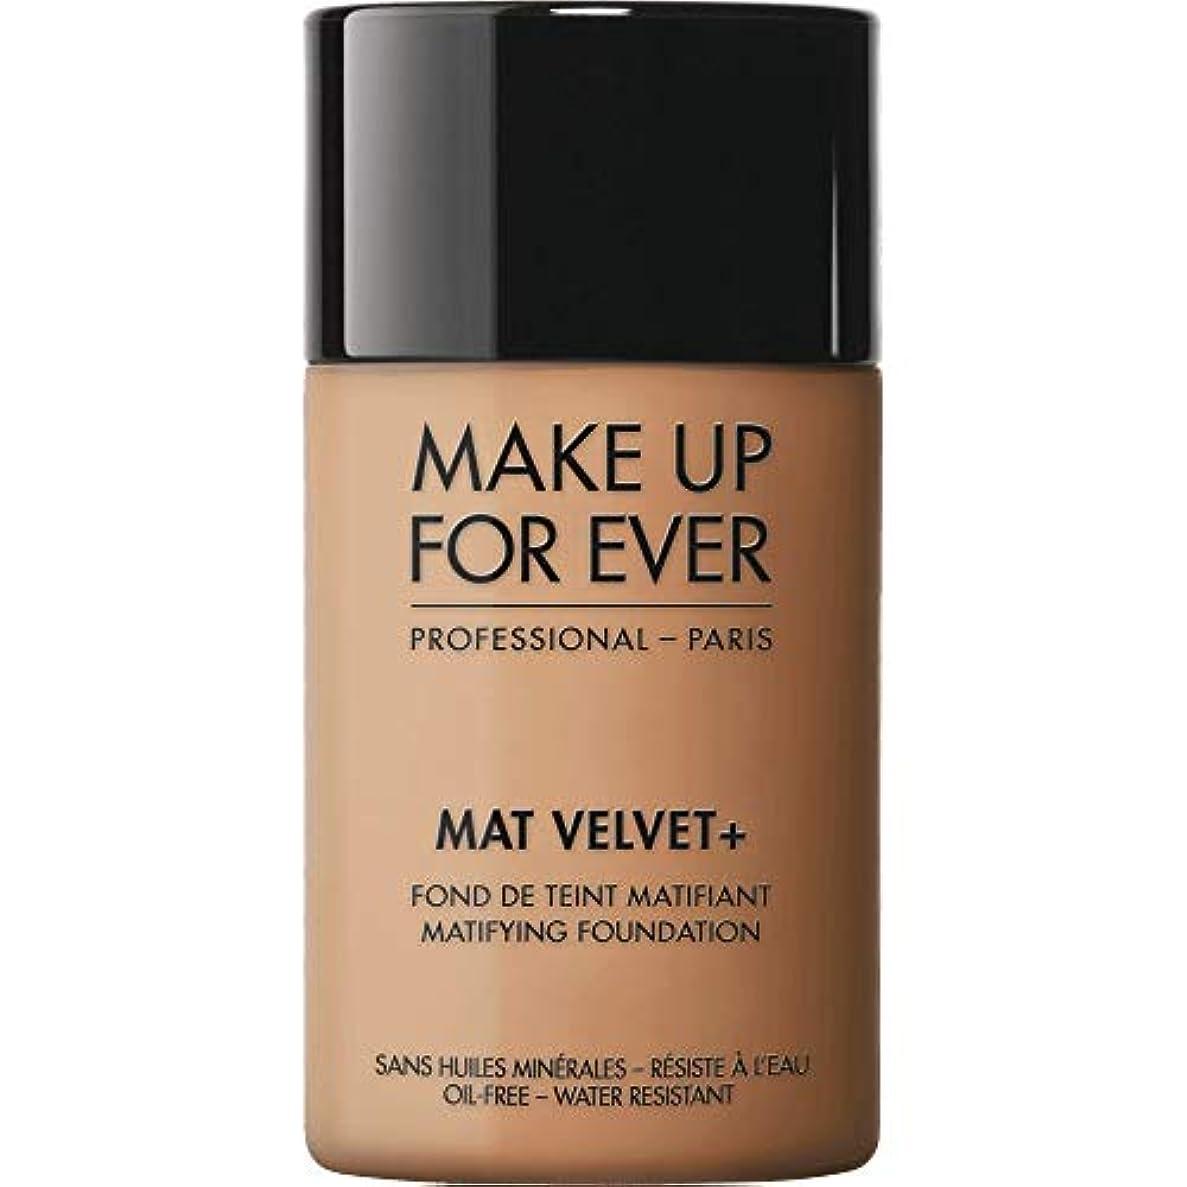 貼り直す役に立つトランジスタ[MAKE UP FOR EVER ] 暖かい琥珀 - これまでマットベルベット+マティファイングの基礎30ミリリットル67を補います - MAKE UP FOR EVER Mat Velvet+ Matifying Foundation...